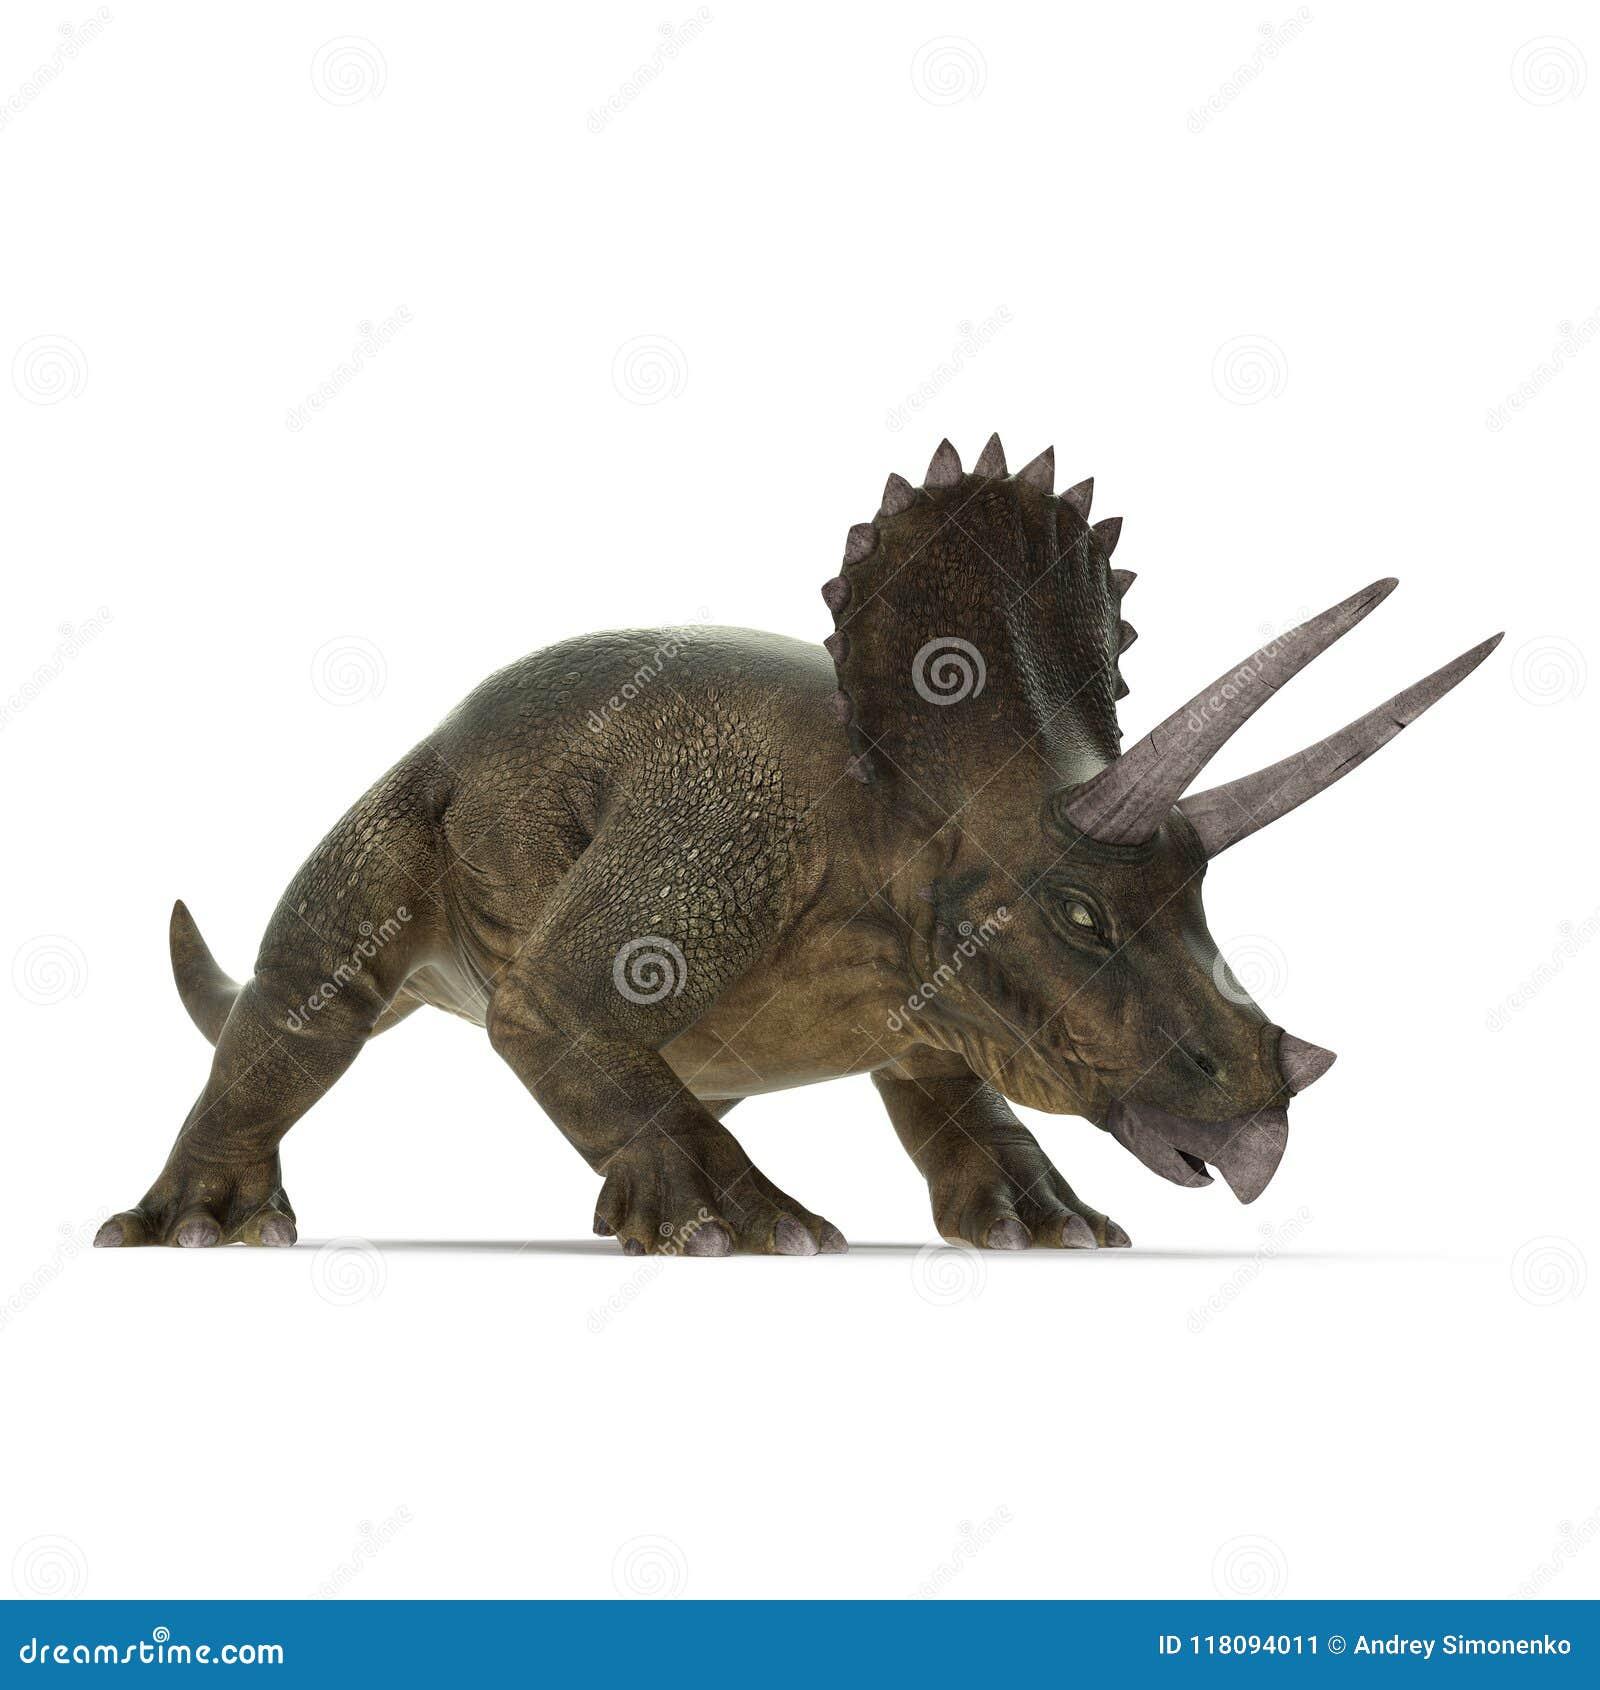 Triceratops dinosaur on white. 3D illustration